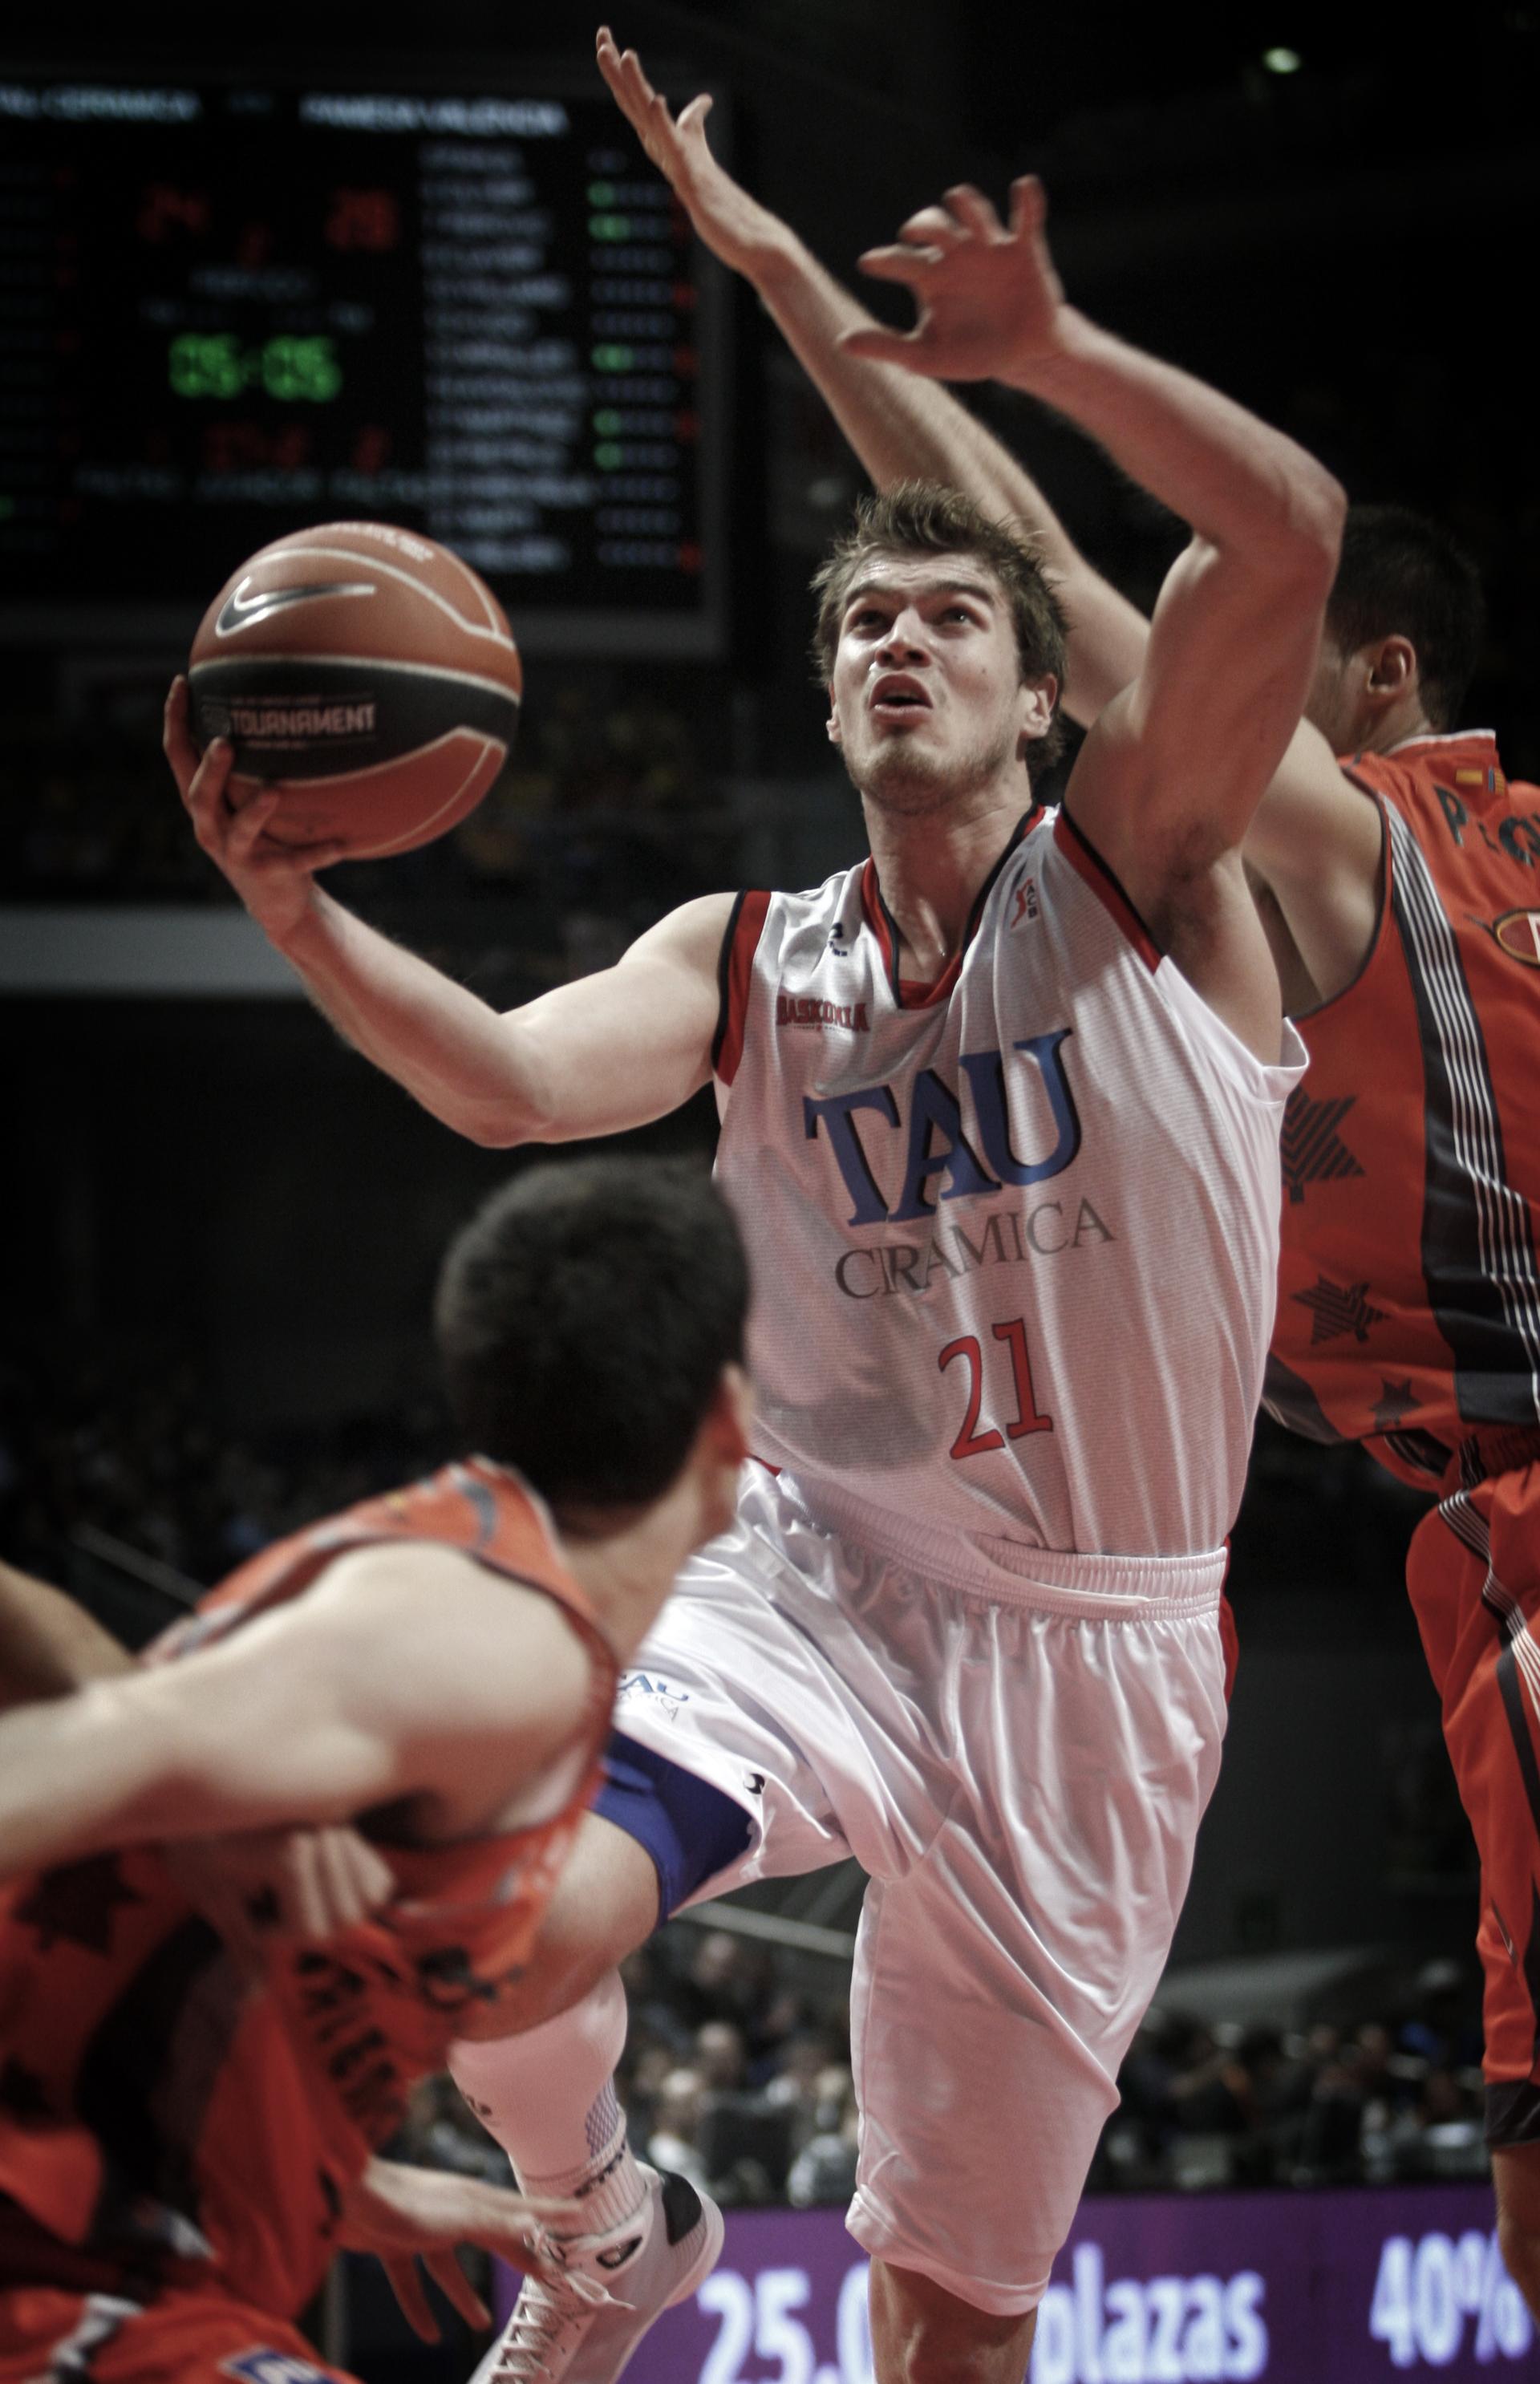 foto-deportiva-baloncesto